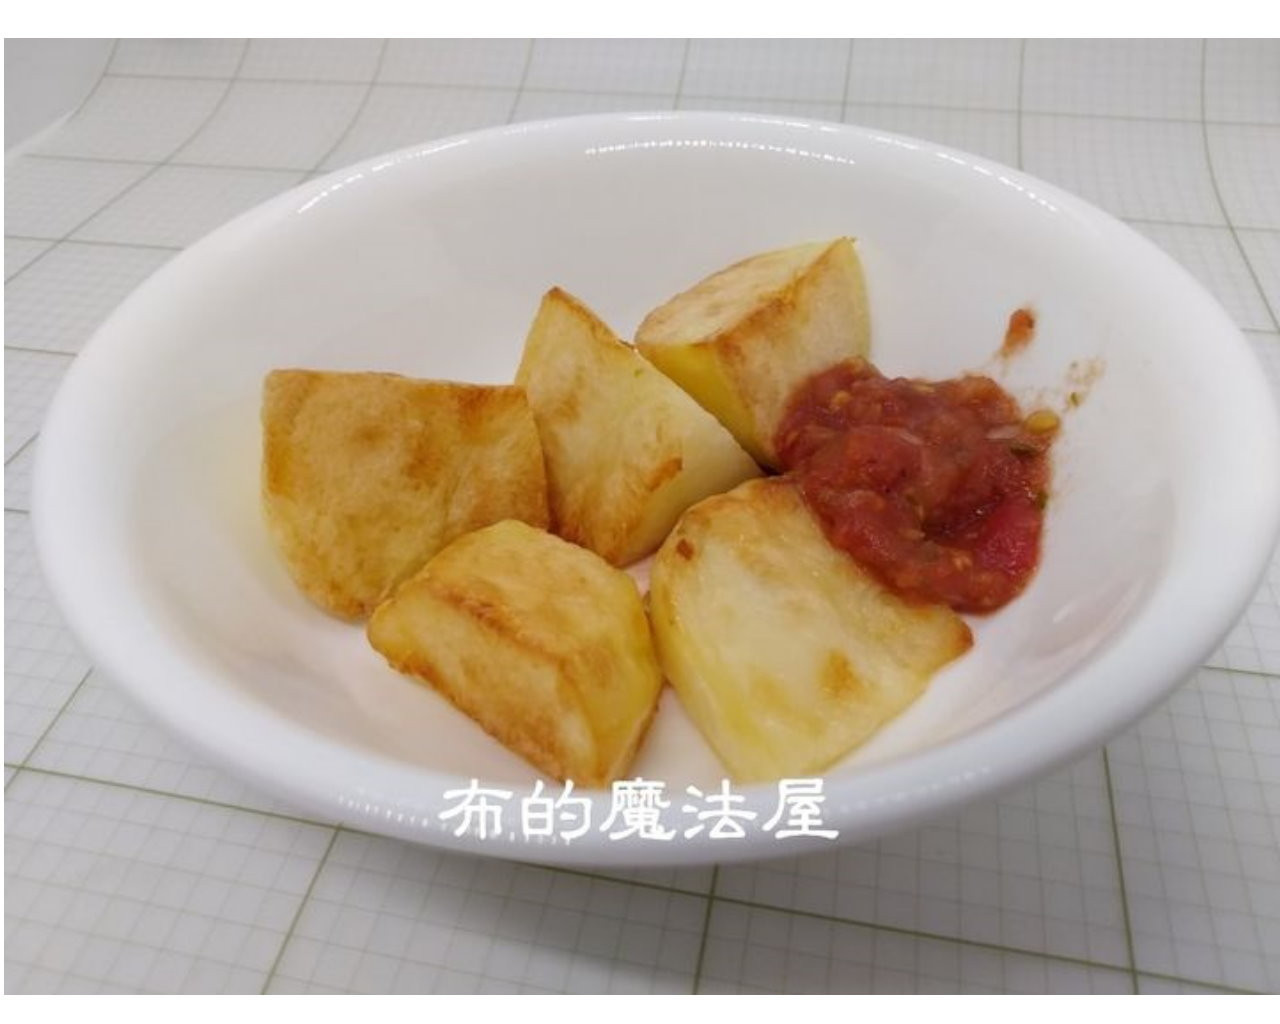 烤箱-烤馬鈴薯